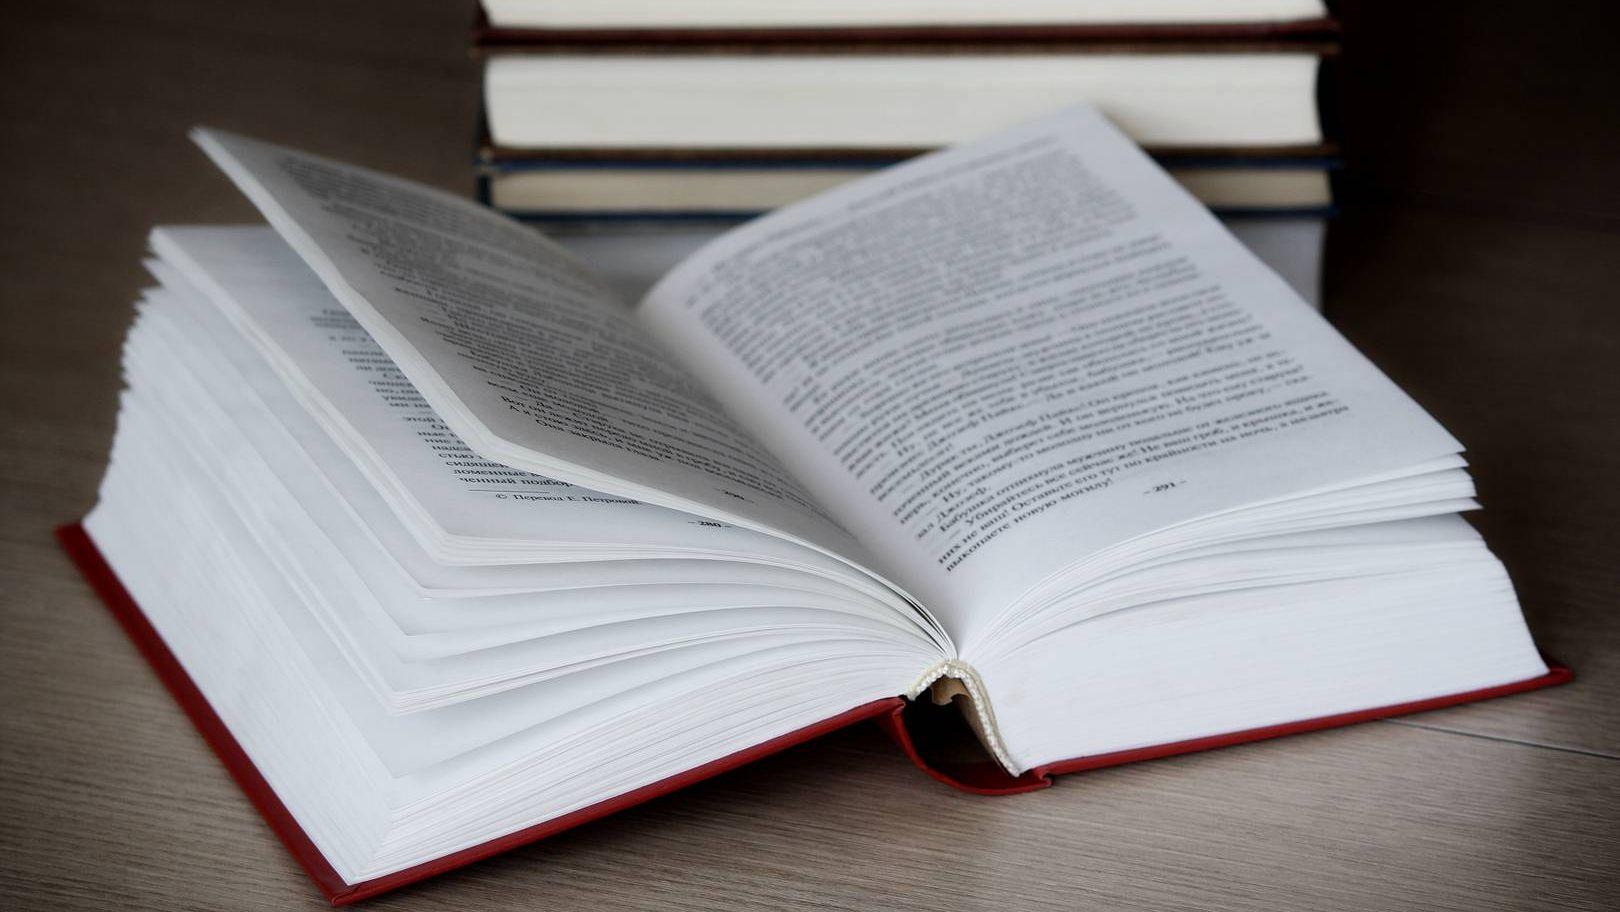 Открытая книга лежит на столе